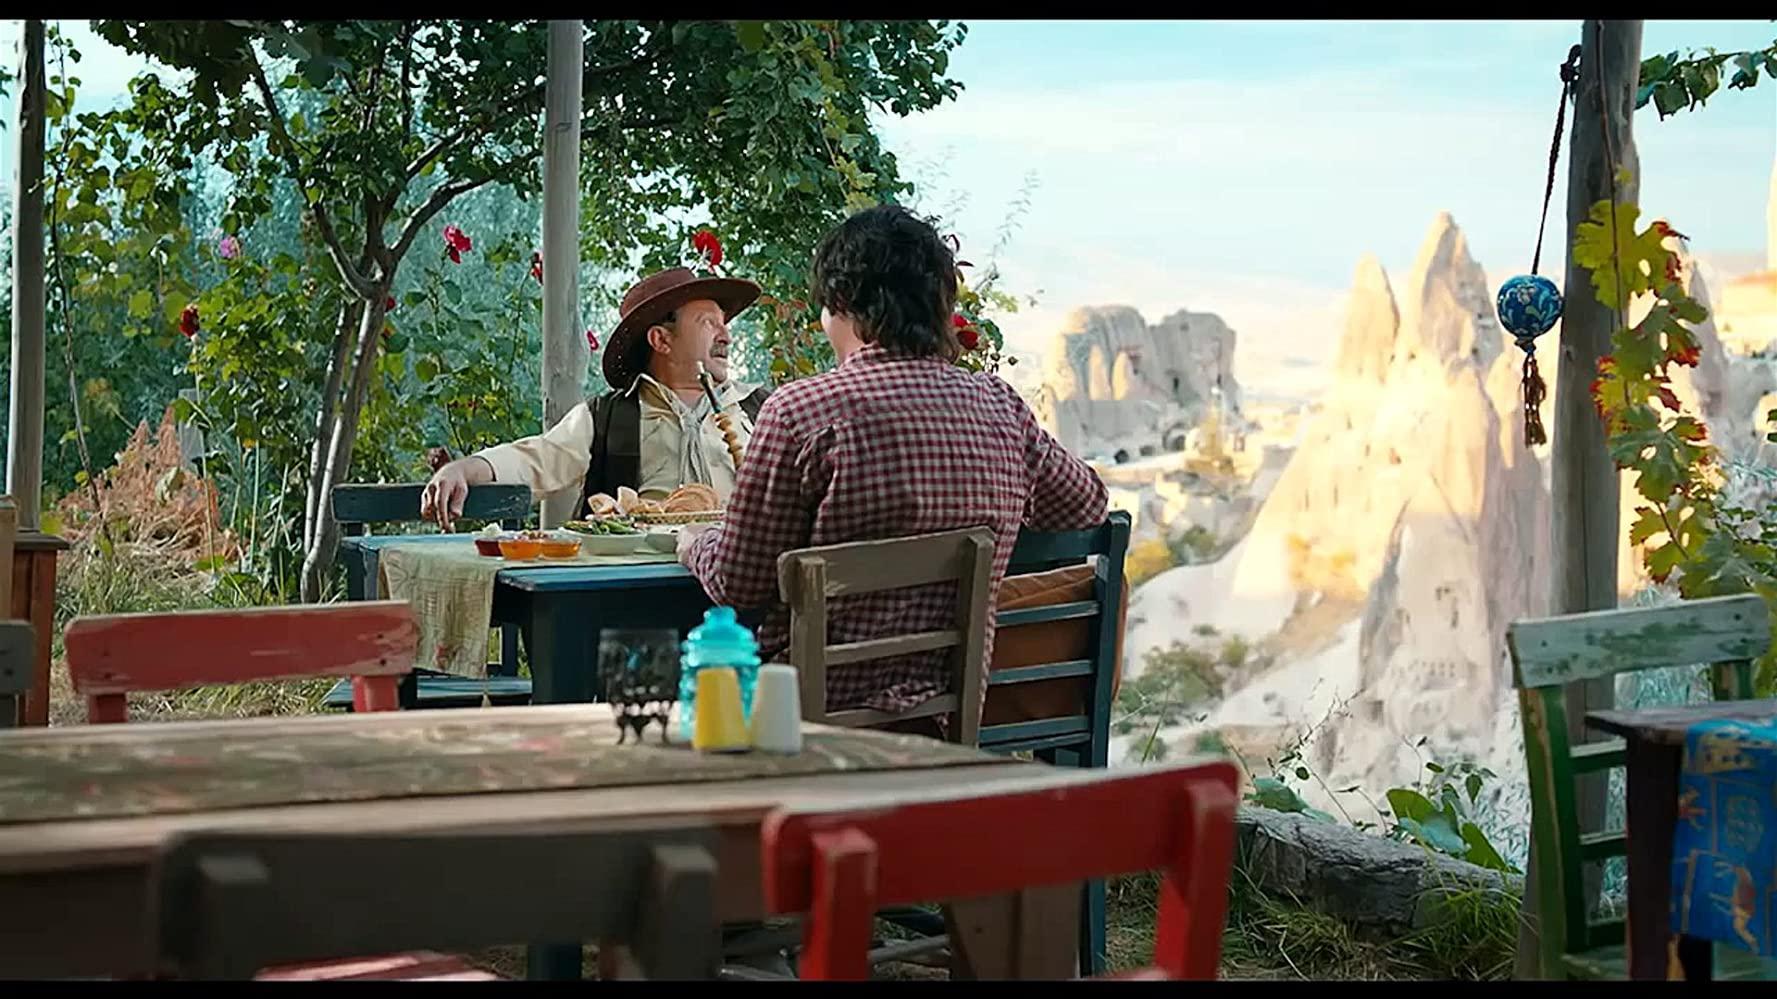 مشاهدة فيلم Patron Mutlu Son Istiyor (2014) مترجم HD اون لاين